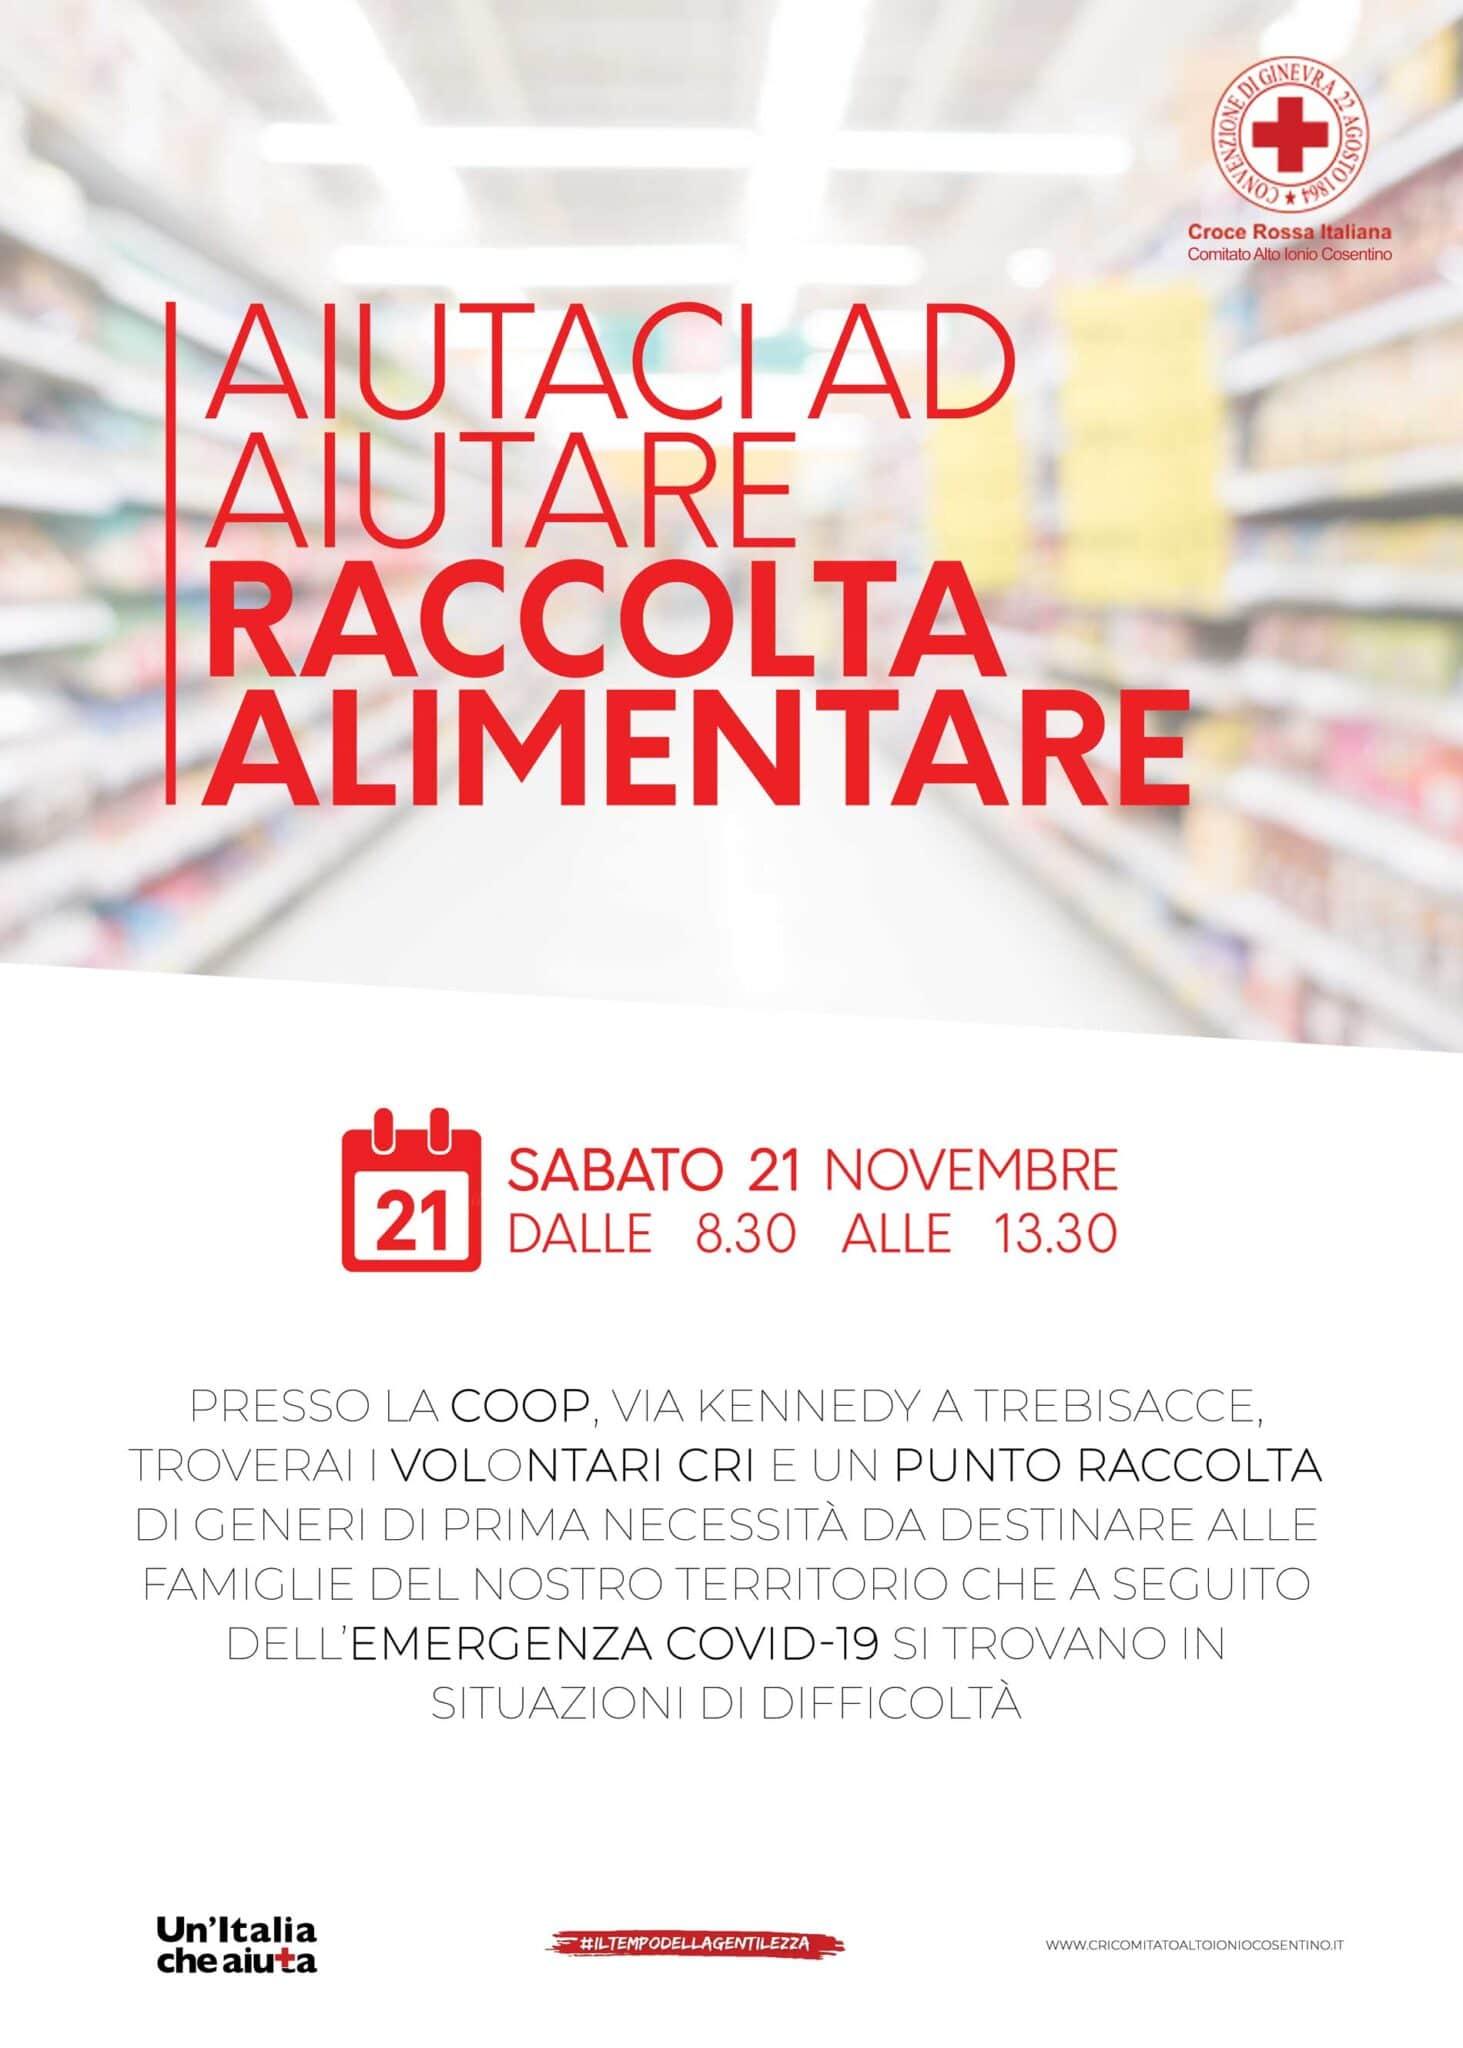 Raccolta alimentare 21 novembre - Trebisacce (CS)